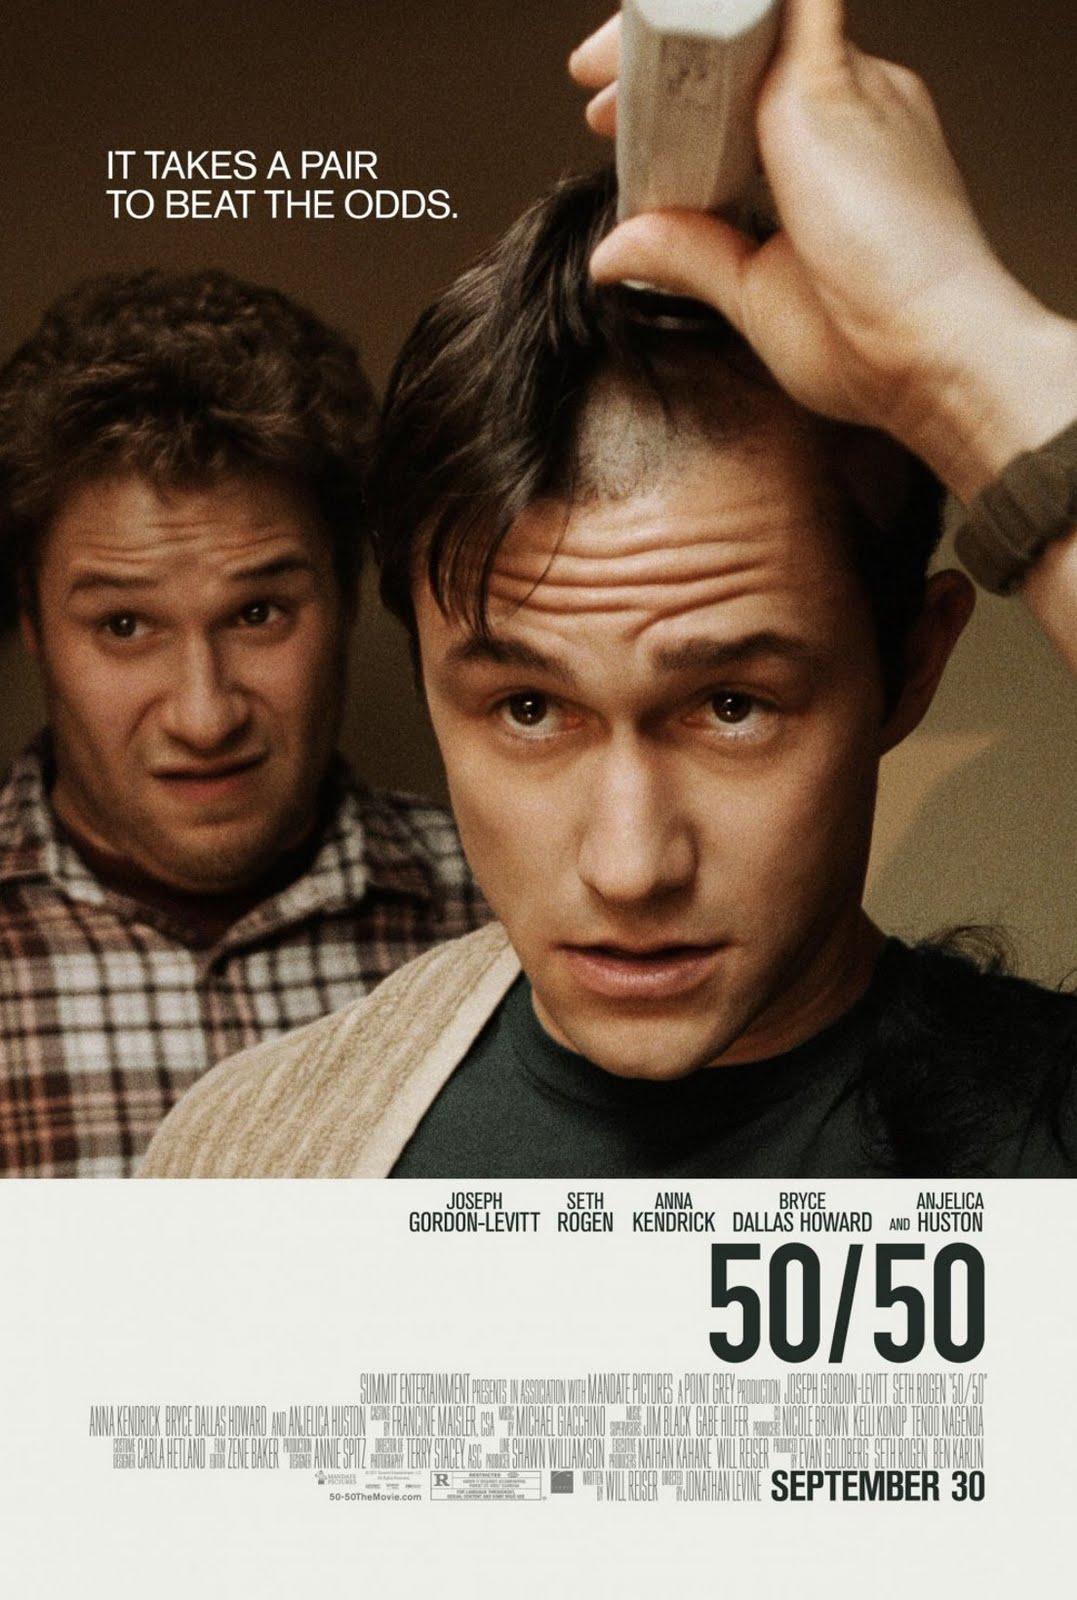 http://4.bp.blogspot.com/-c1frKhBqz2s/TjLZVTtNtWI/AAAAAAAAAlI/oSa_6SbKM8M/s1600/50-50-movie-poster.jpg